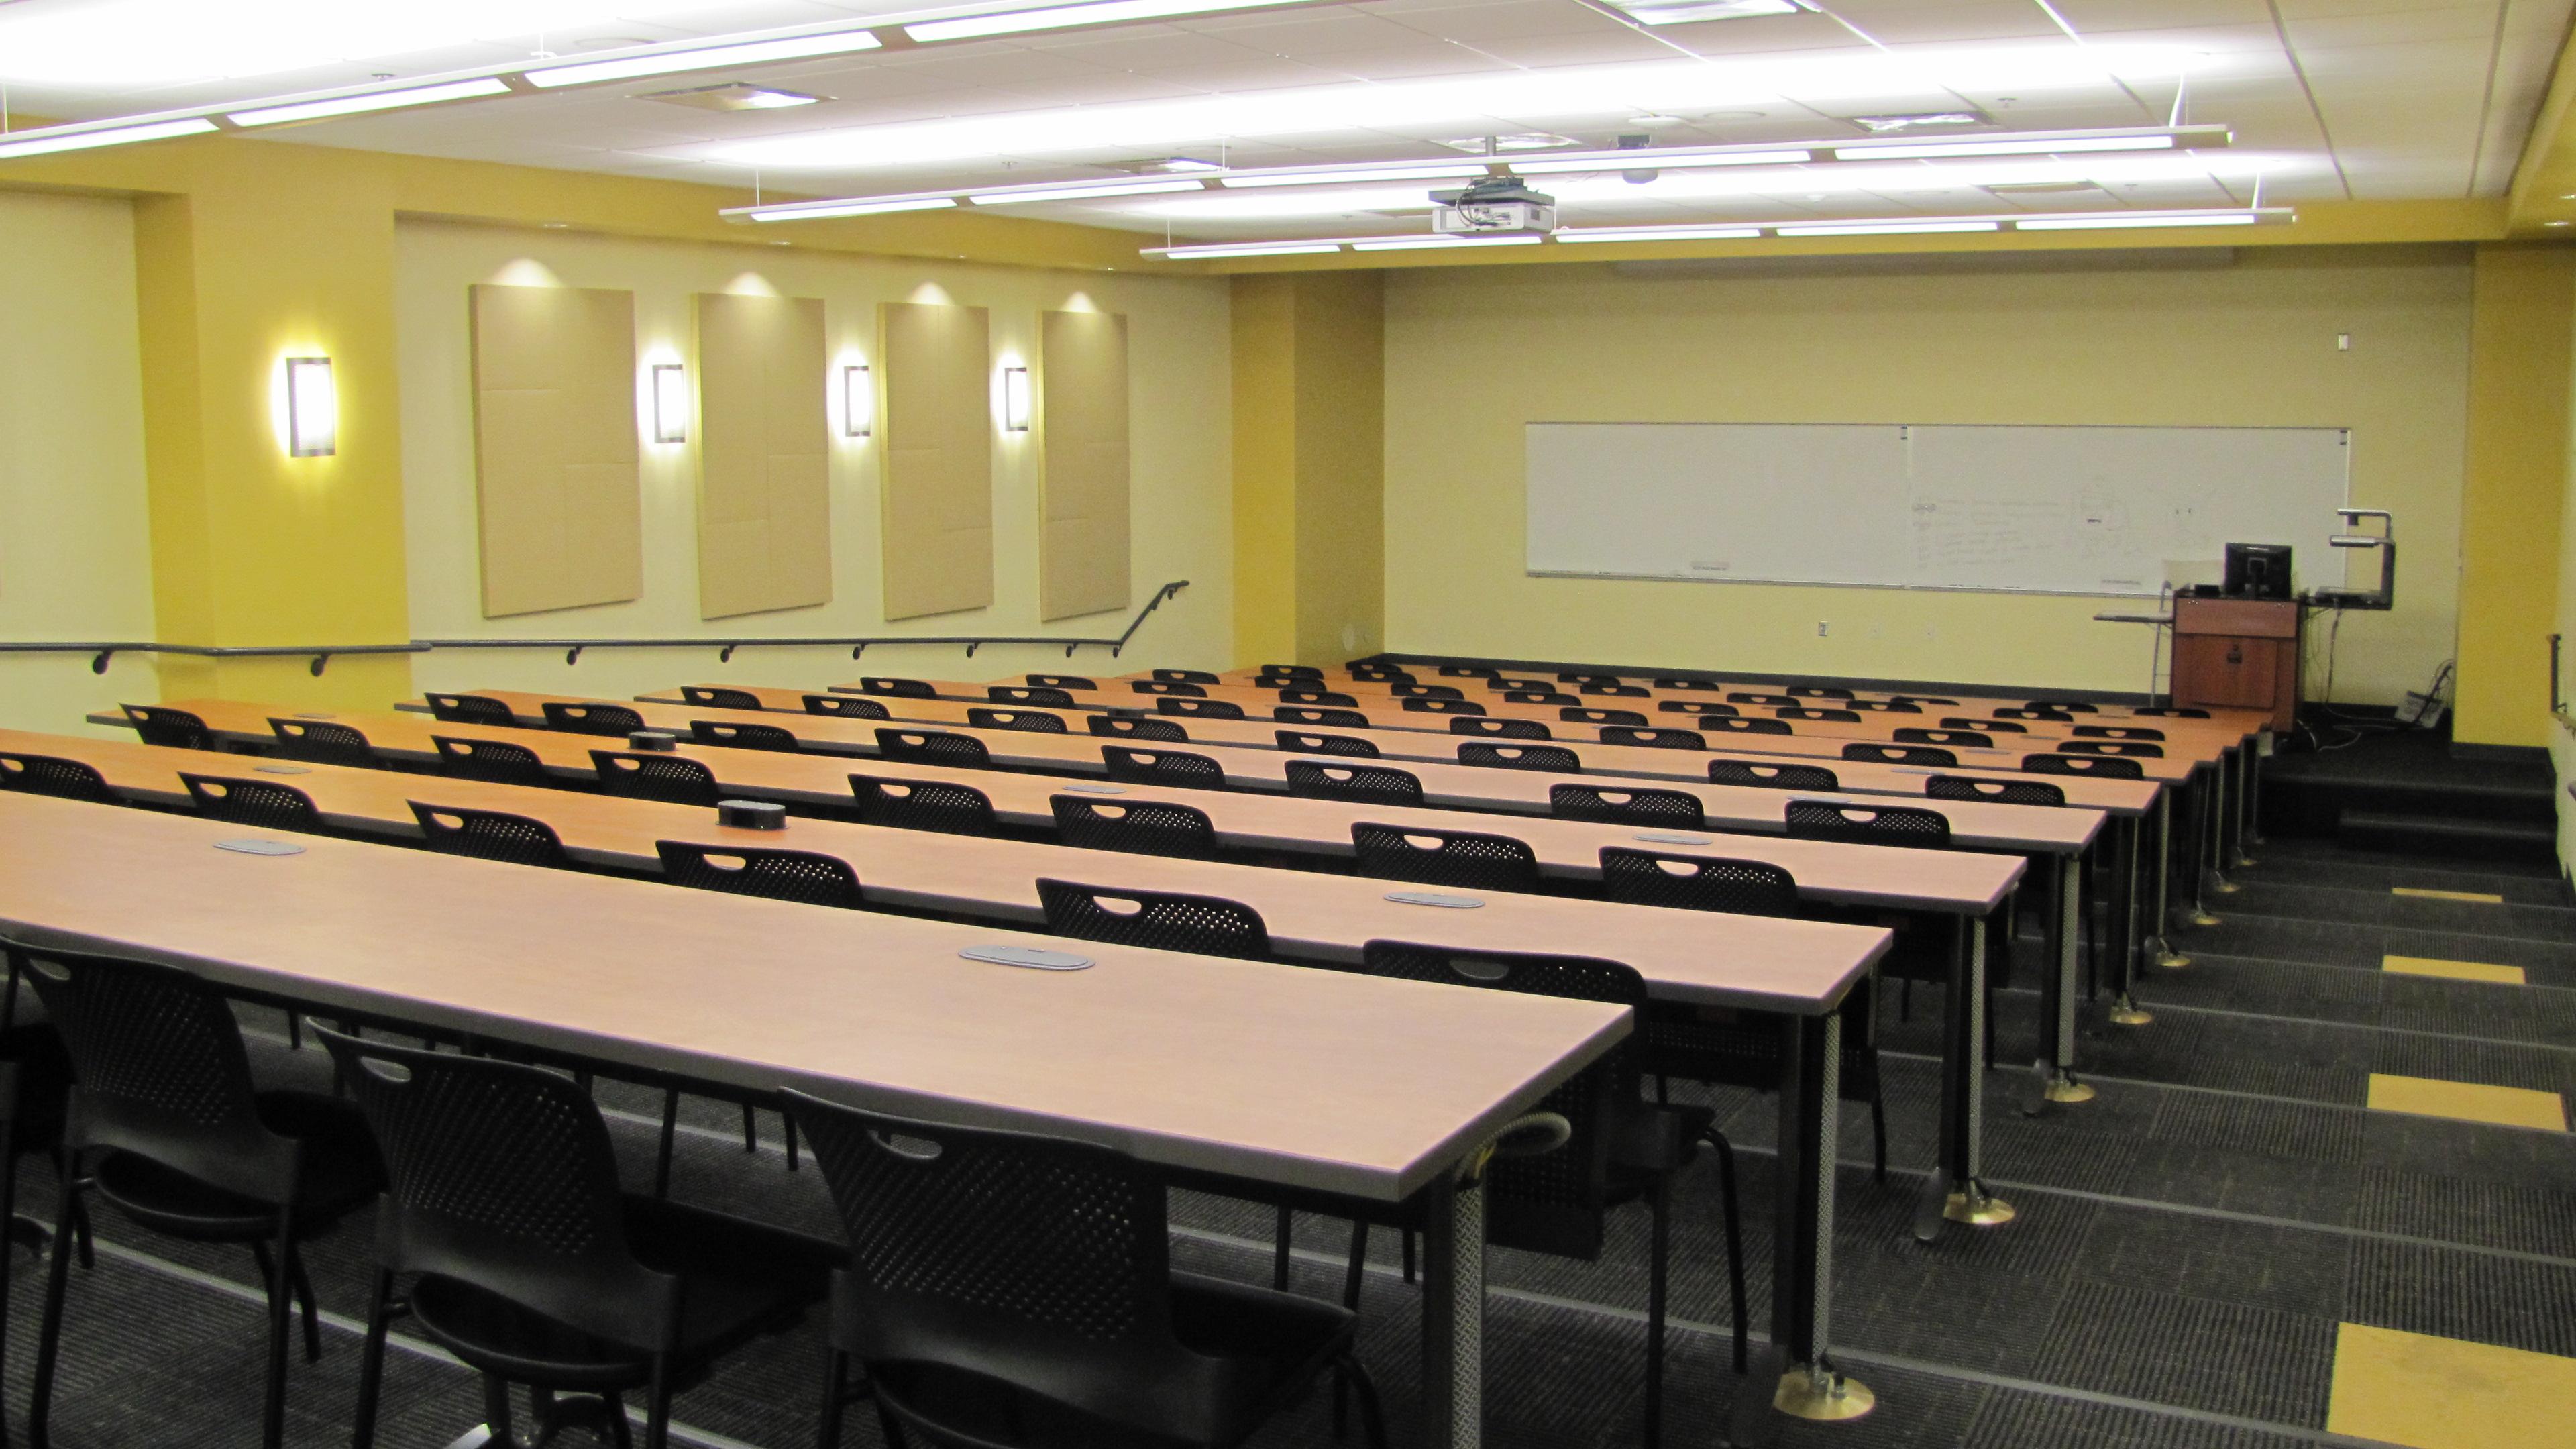 Unique Classroom Design : Promise unmet how to fix america s community colleges